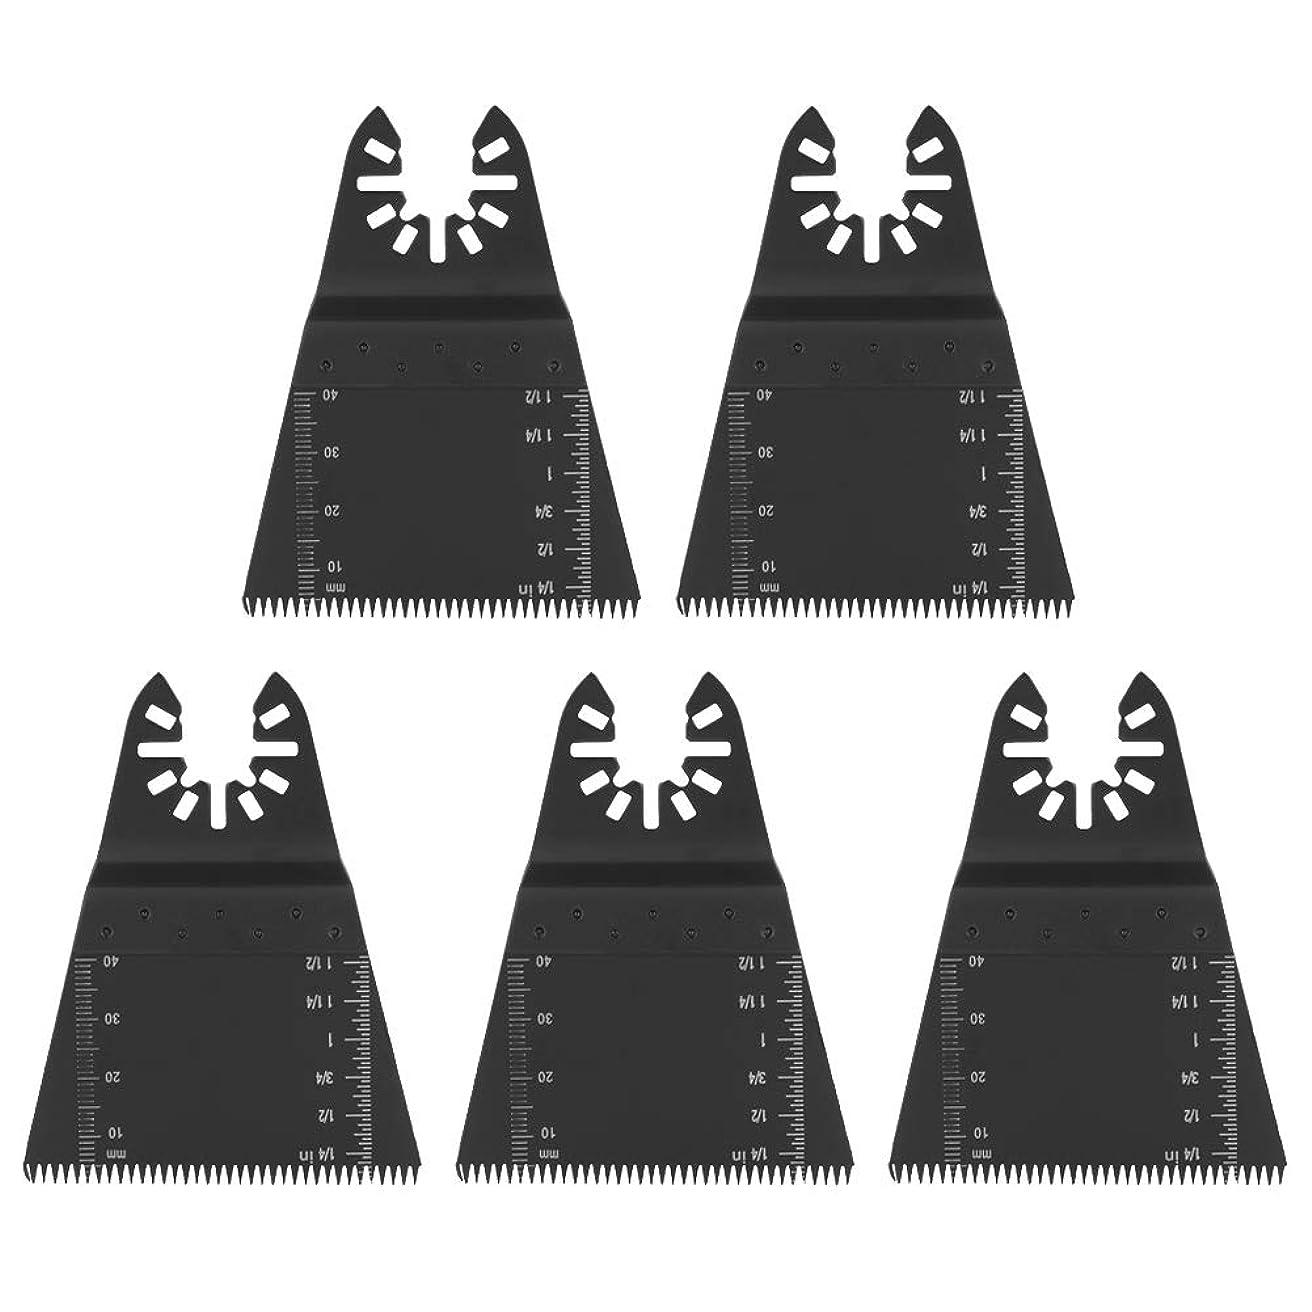 東方虹超えてYosoo 5pcs 振動マルチツールソー ブレード 振動鋸刃 振動ブレード 振動 のこぎり替刃 カットソー 先端工具セット スクレーパー 高精度 高硬度 電動工具アクセサリー 65mm 高炭素鋼 耐久性 壊れにくい 精密(5pcs, 65mm)